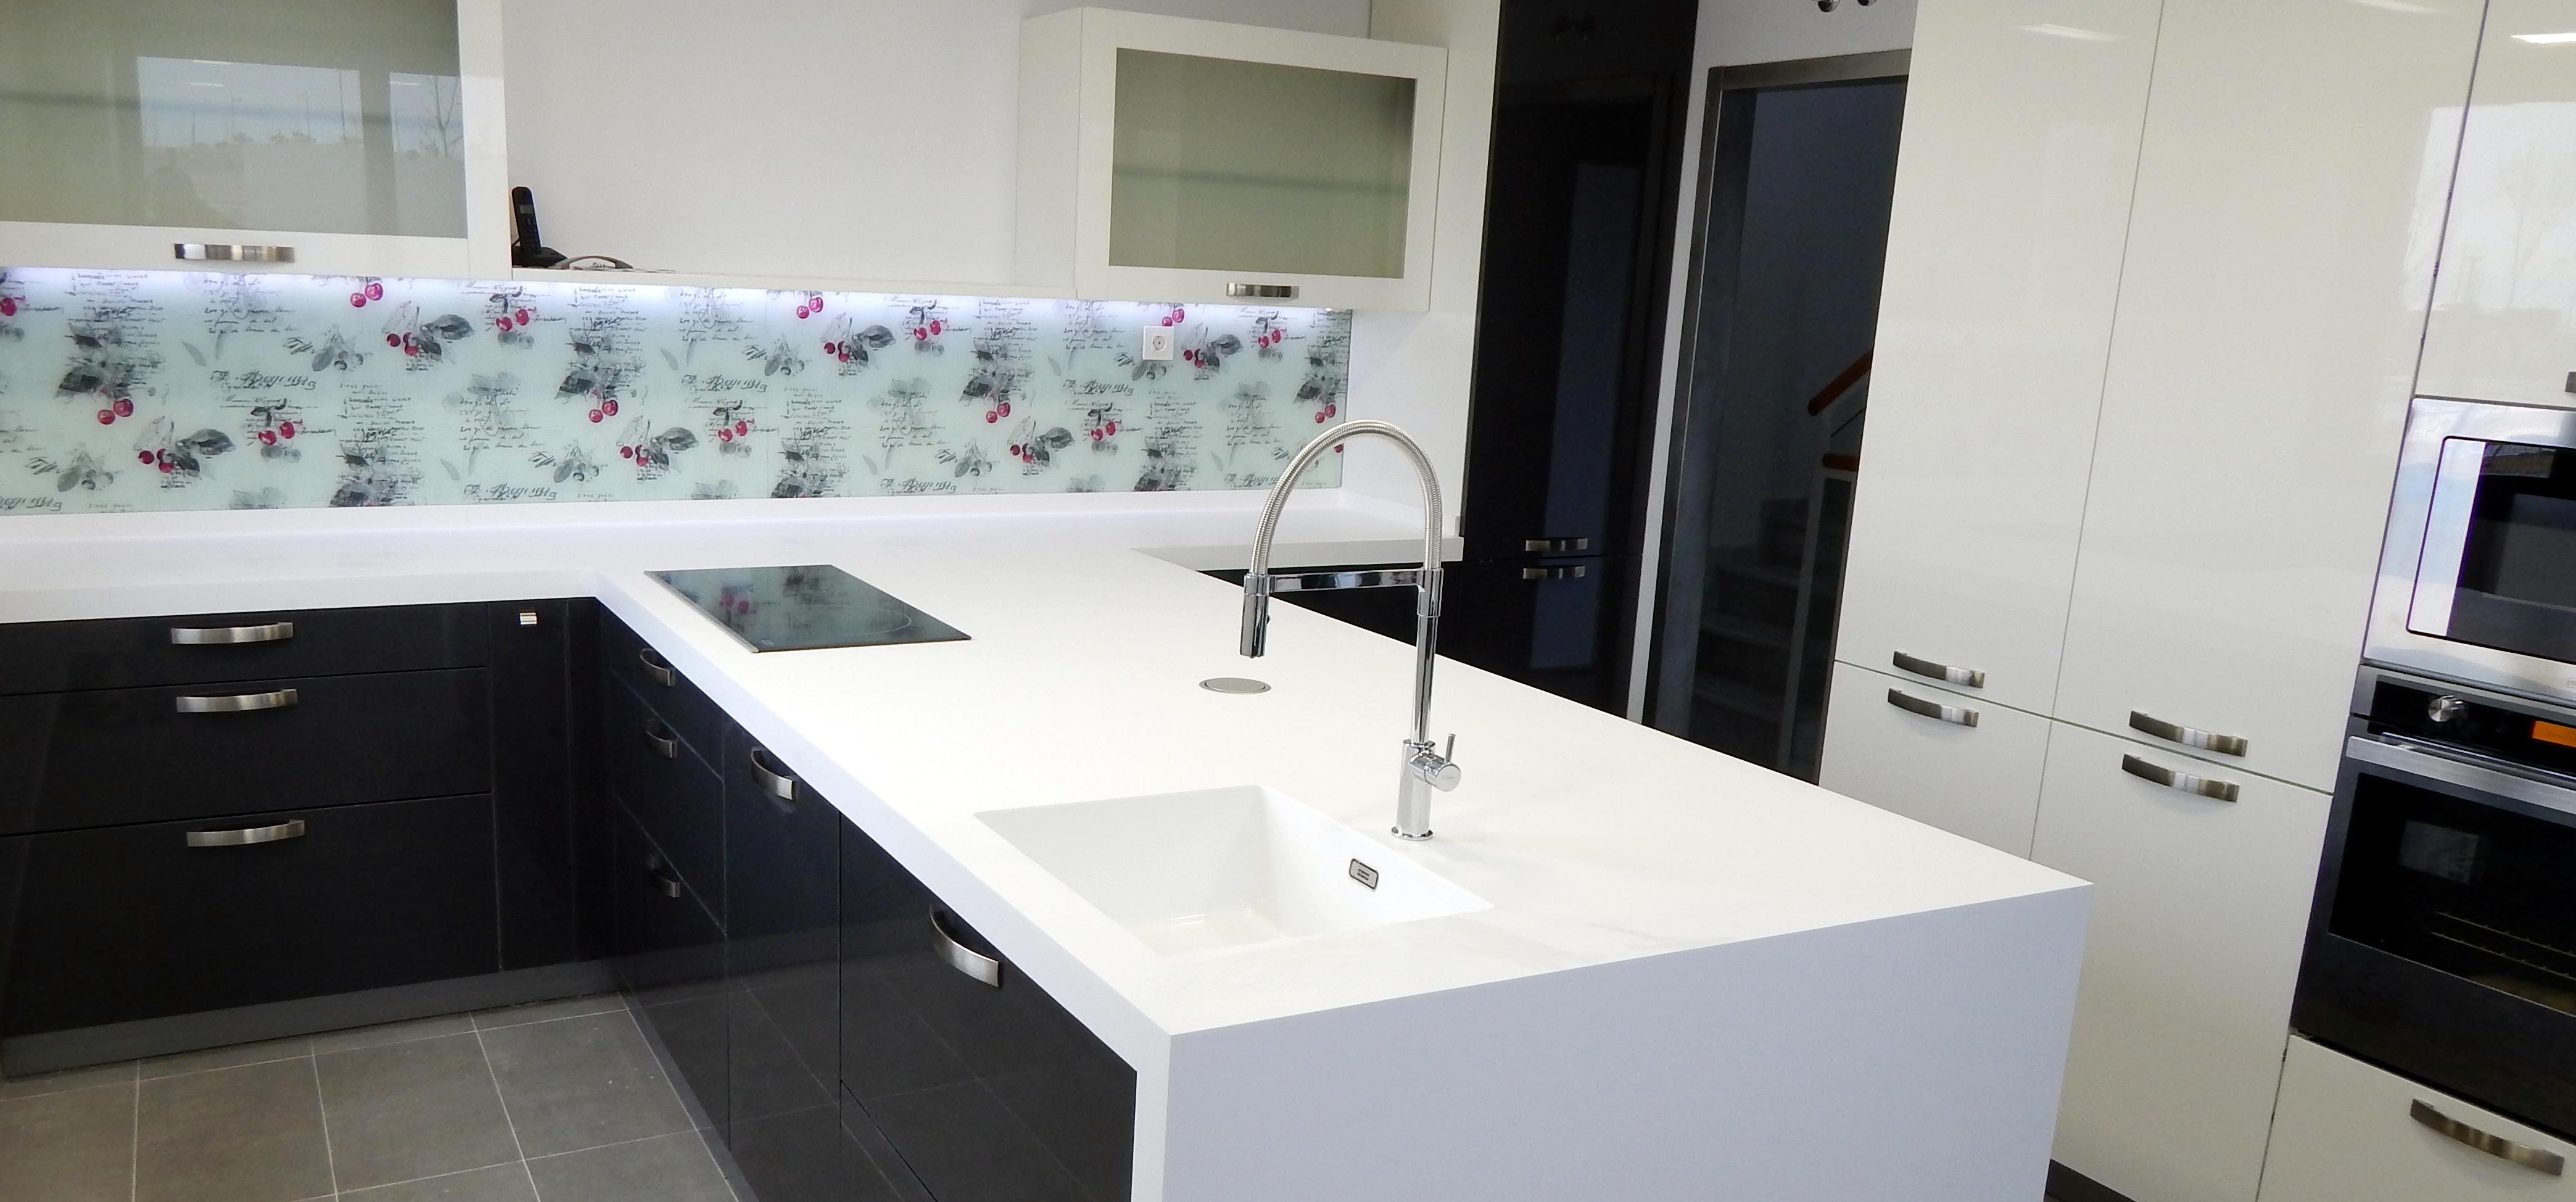 Muebles de cocina modelo 3020 y encimera acr lica for Muebles para encimeras